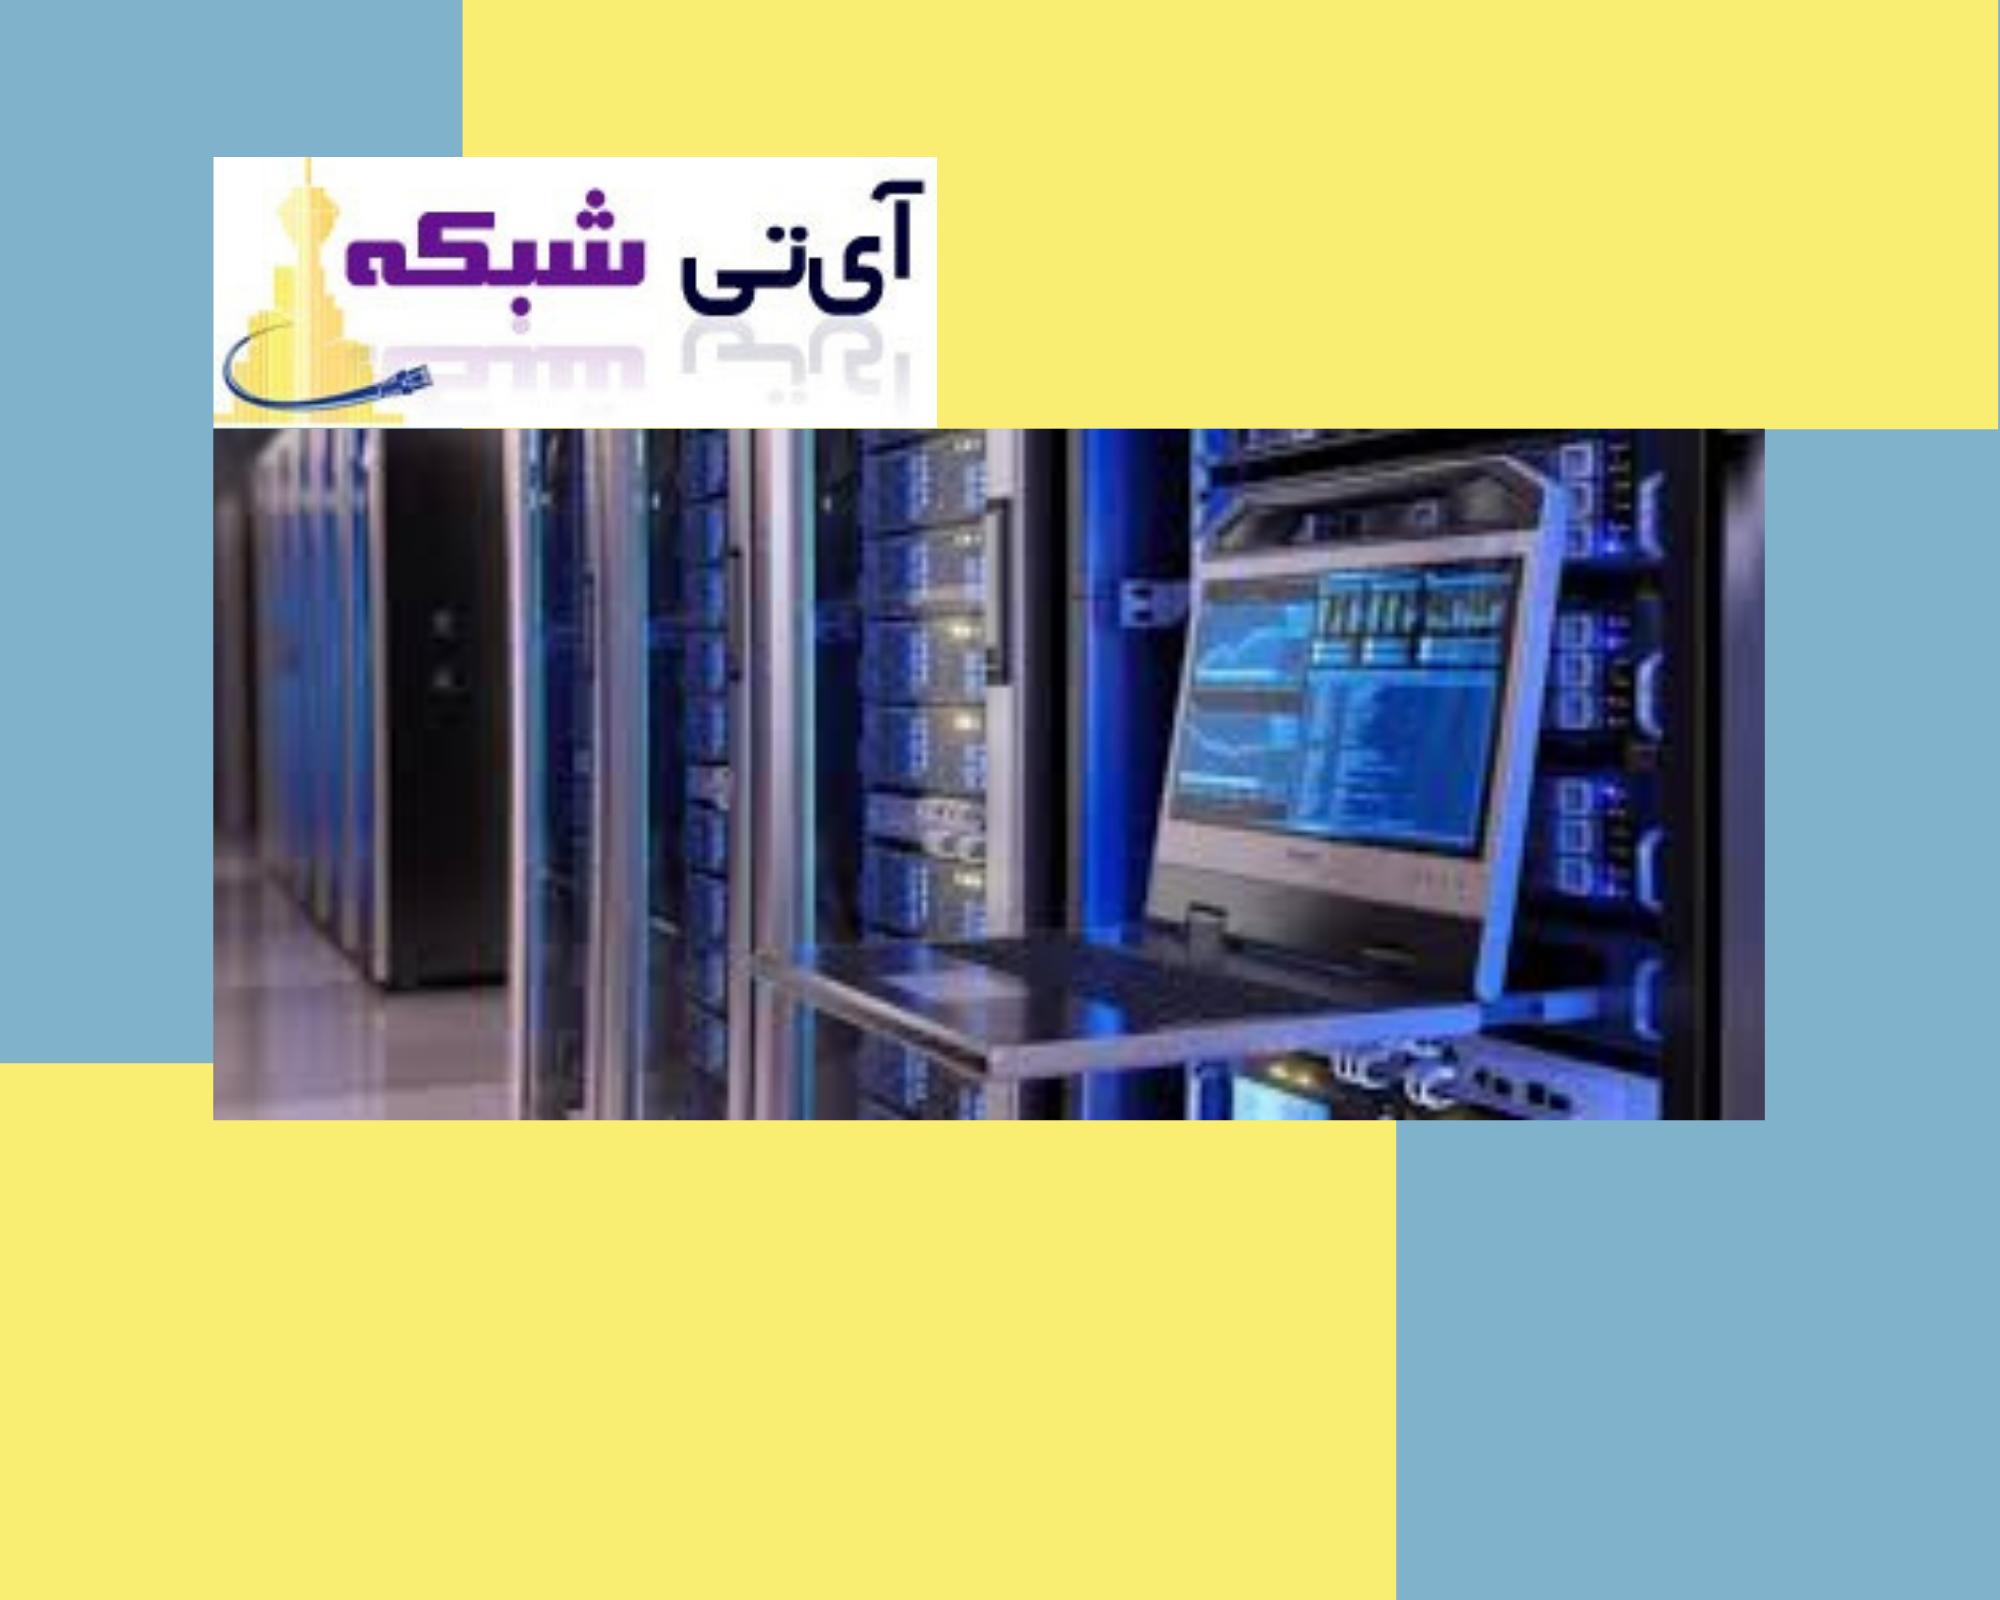 اجرای - پسیو - شبکه - ای- تی - شبکه